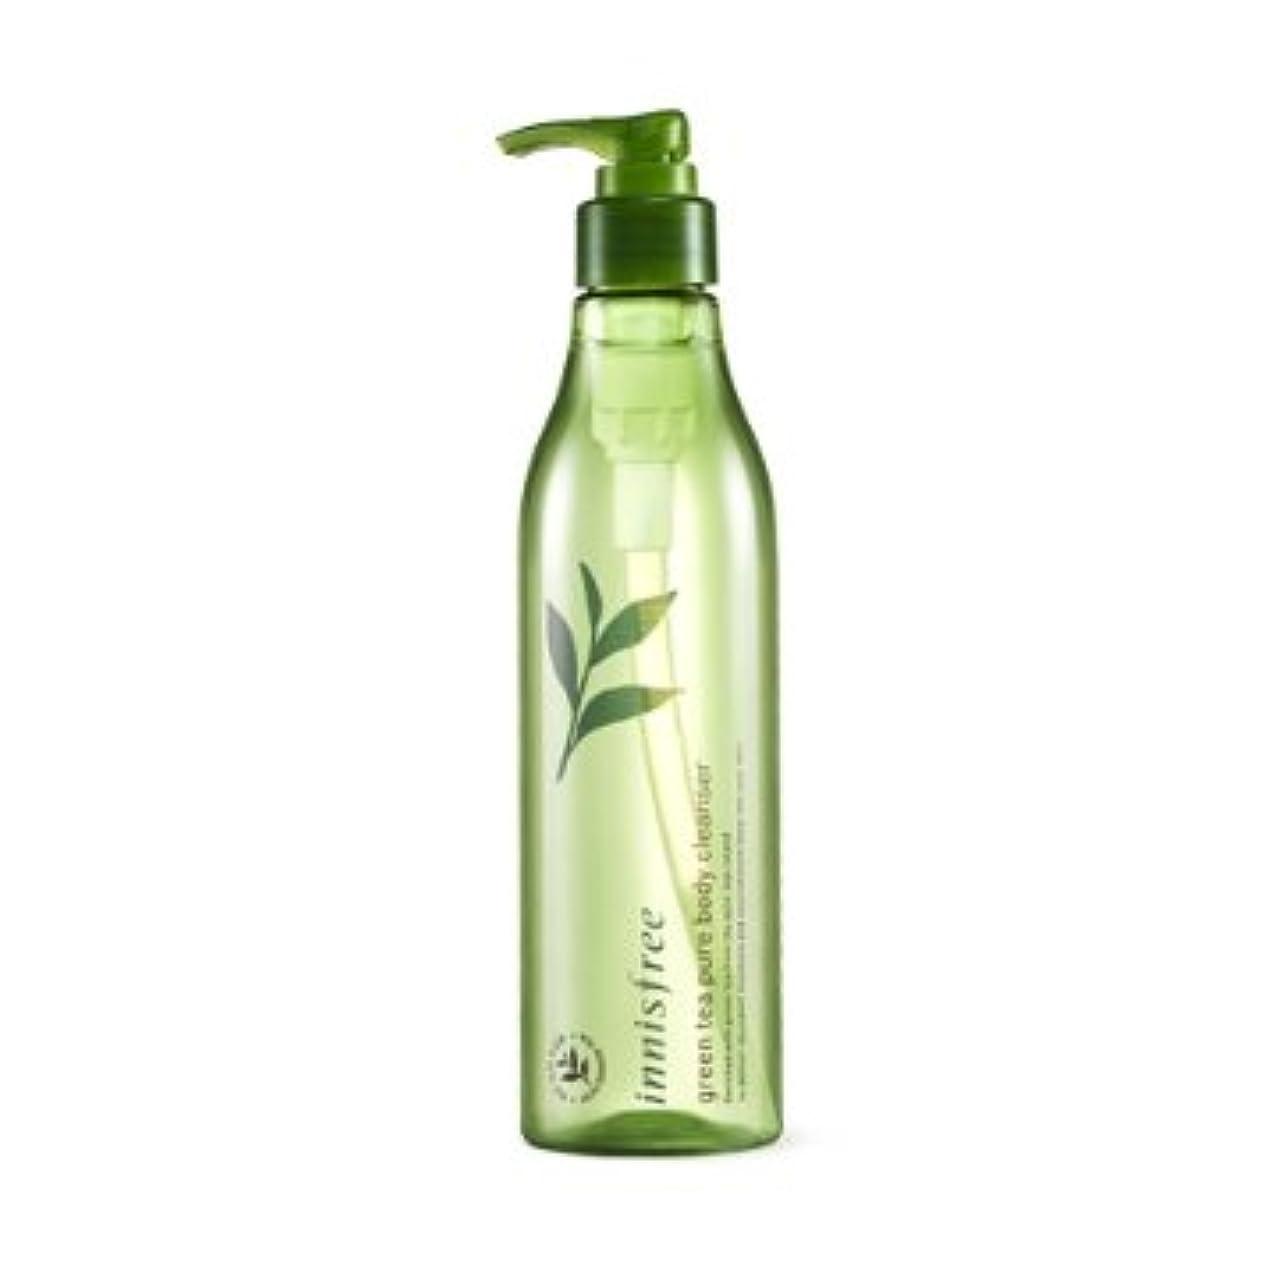 【イニスフリー】Innisfree green tea pure body cleanser - 300ml (韓国直送品) (SHOPPINGINSTAGRAM)